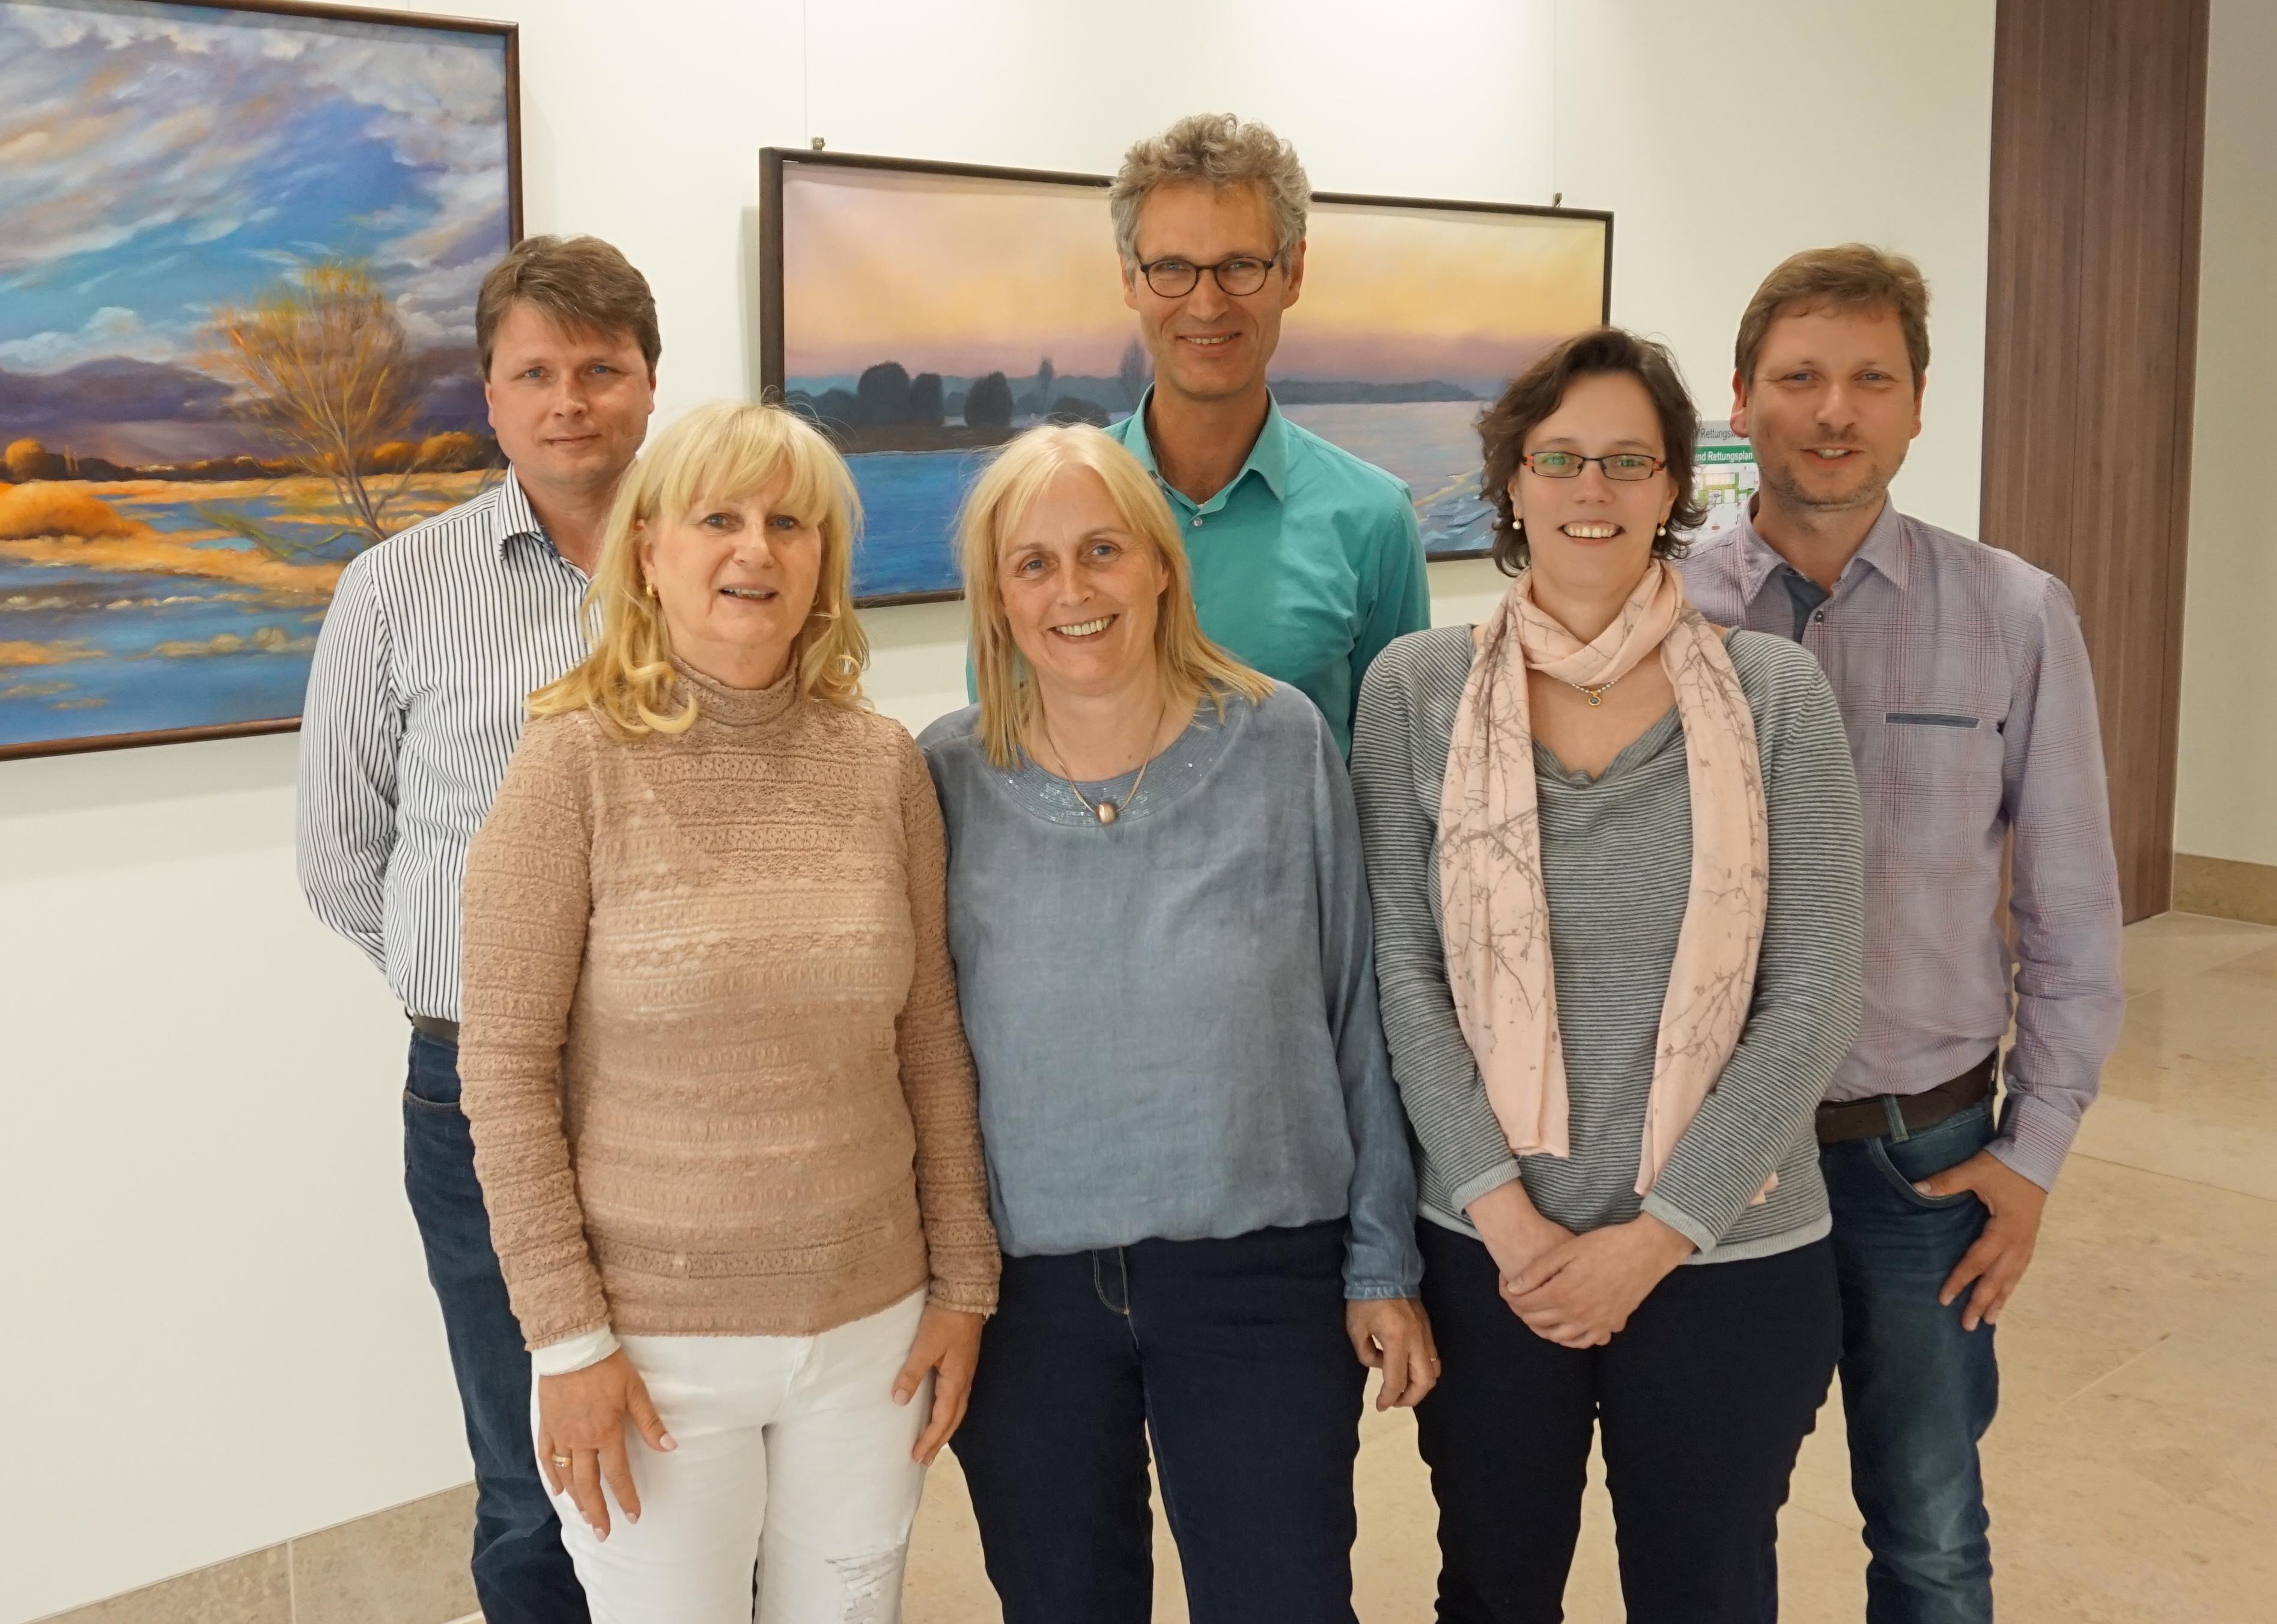 Dr. med. Gunnar Haufe, Dipl.-Med. Astrid Tributh (stellv. Vors.), Dr. med. Karin Harre (Vors.), Dr. med. Musche-Ambrosius,  Miriam Schwantes, Dr. med. Roßbach-Kurschat